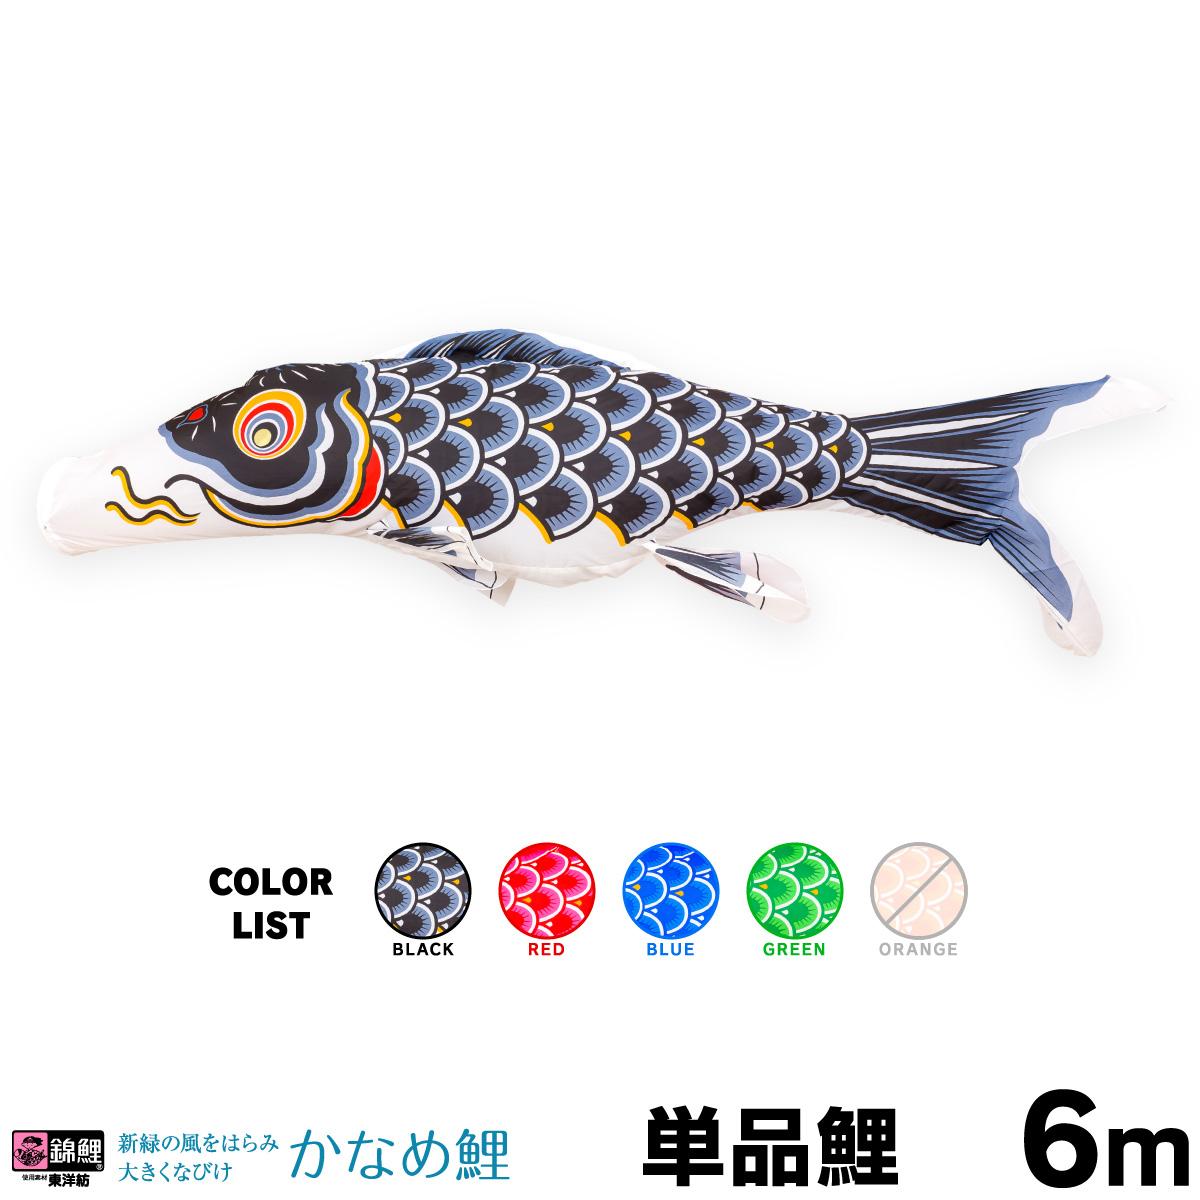 【こいのぼり 単品】 かなめ鯉 6m 単品鯉